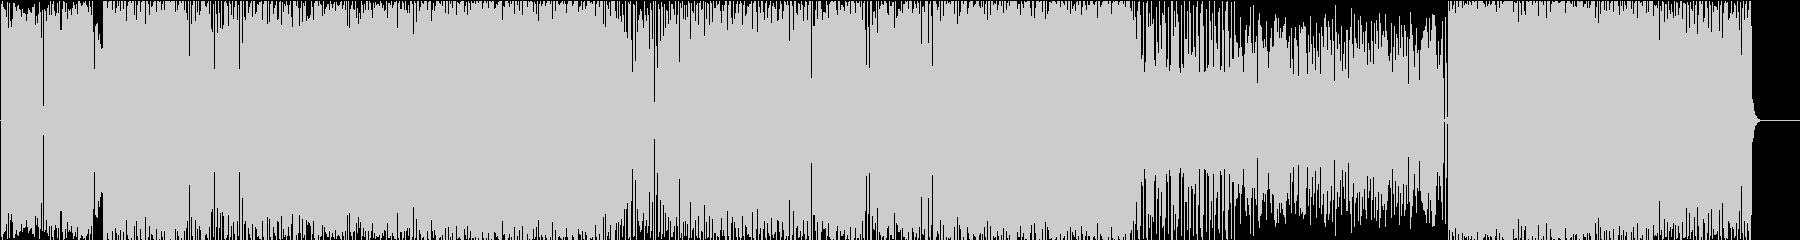 ロックな感じの明るいインスト曲の未再生の波形